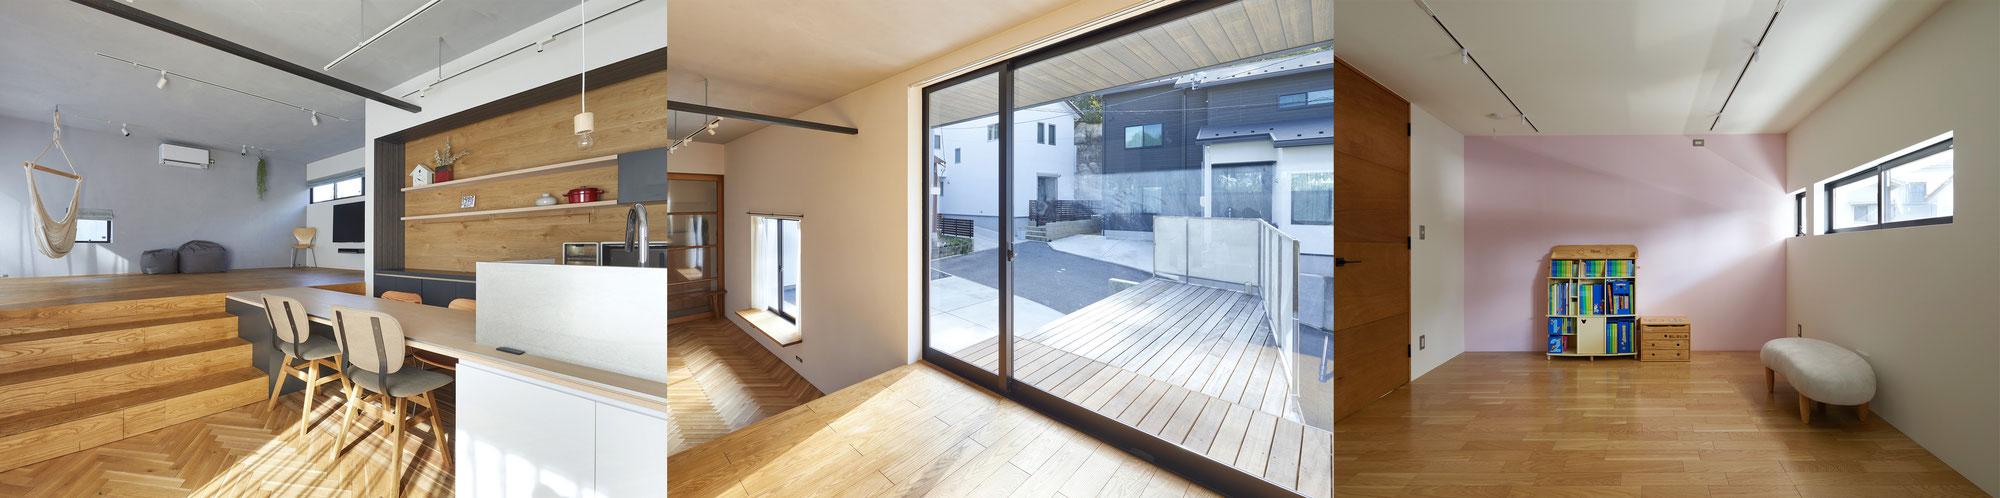 House in Horikoshiのこだわり【壁について】